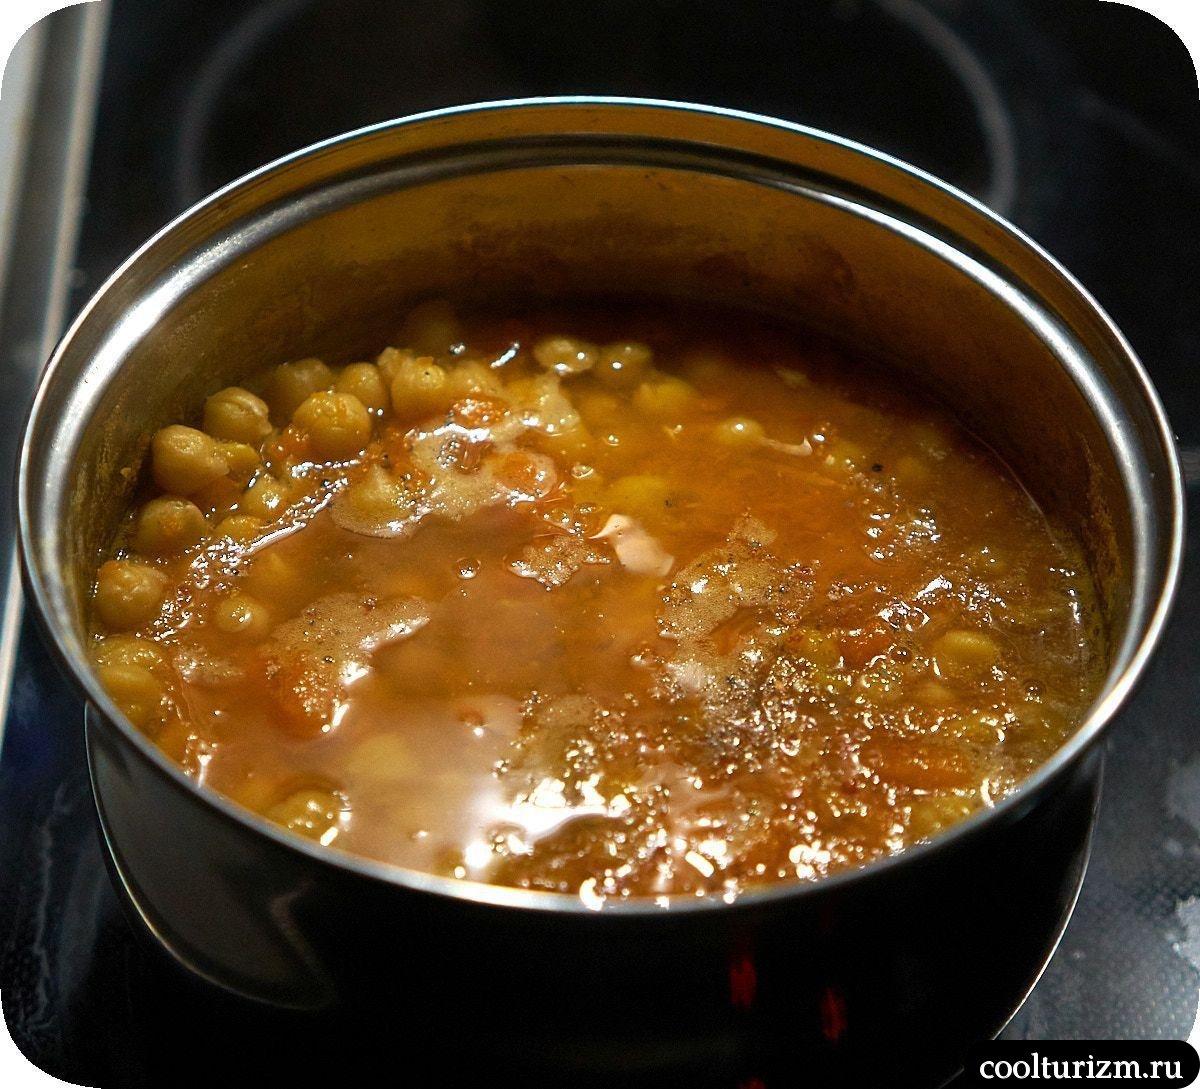 Рецепт хумуса с солеными щечками трески фото